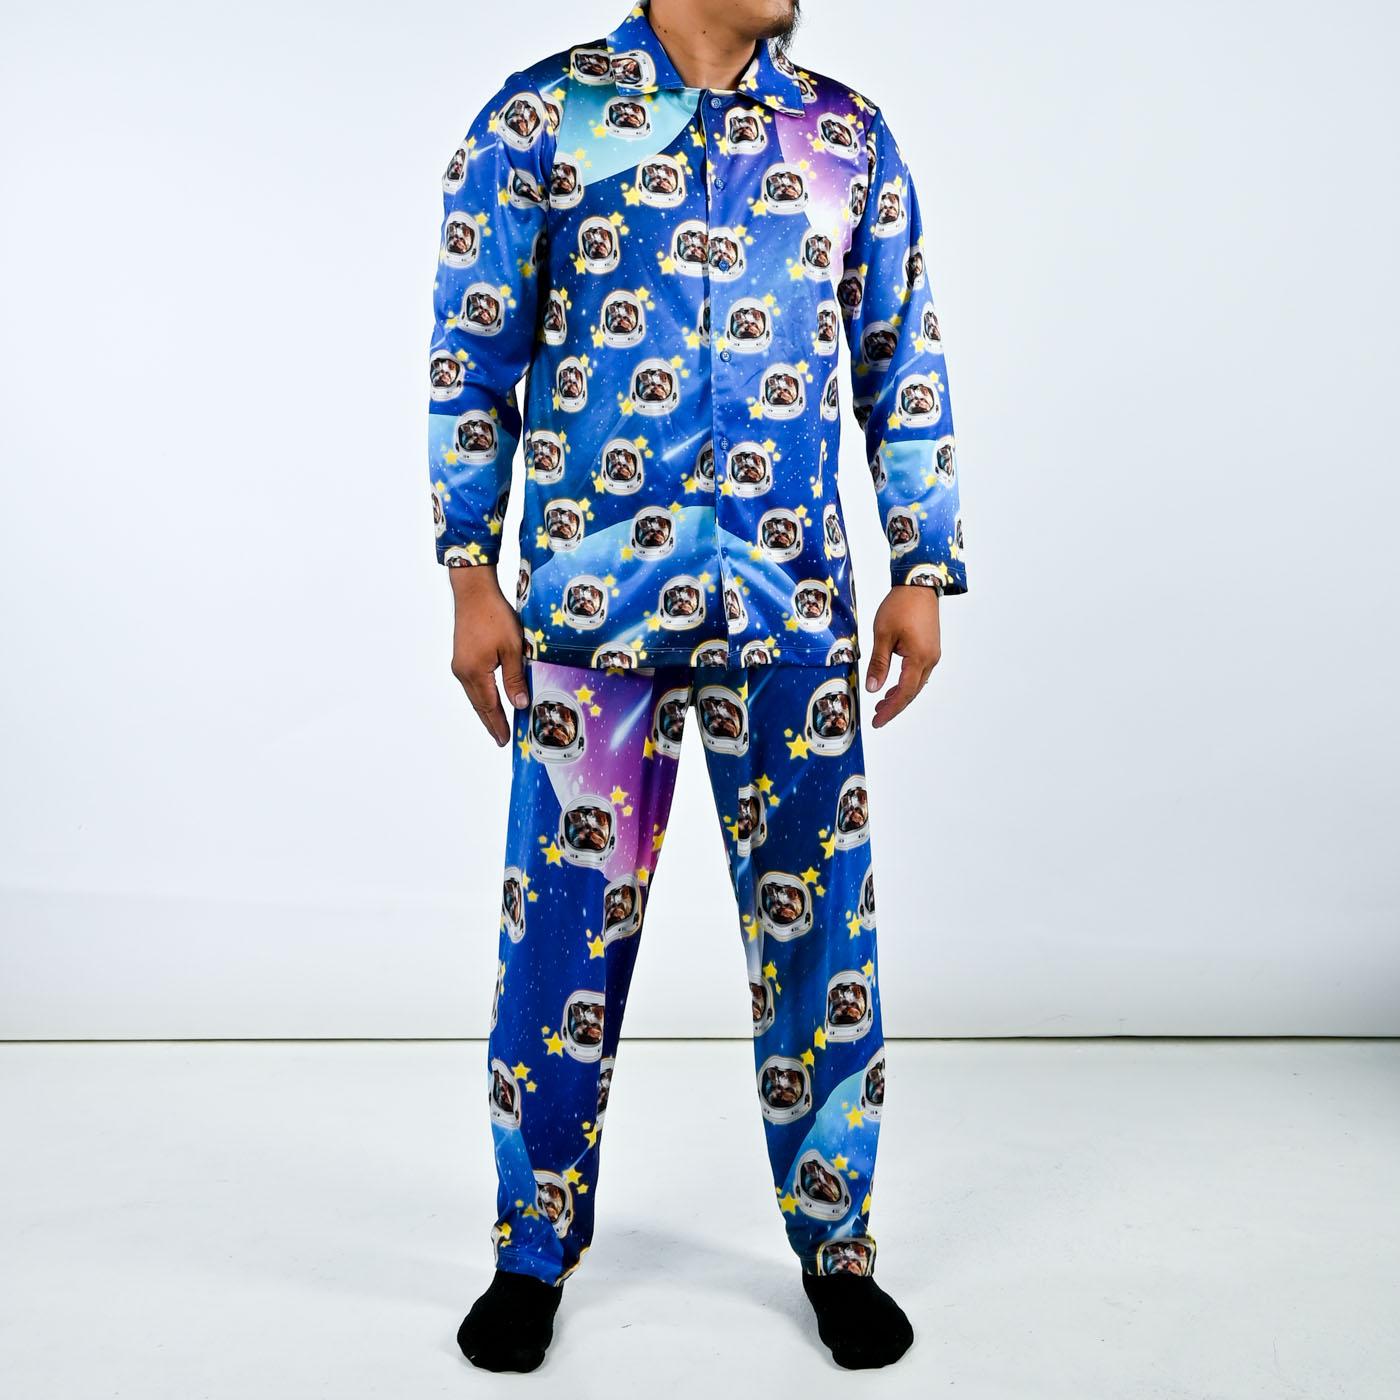 Customized Pajamas